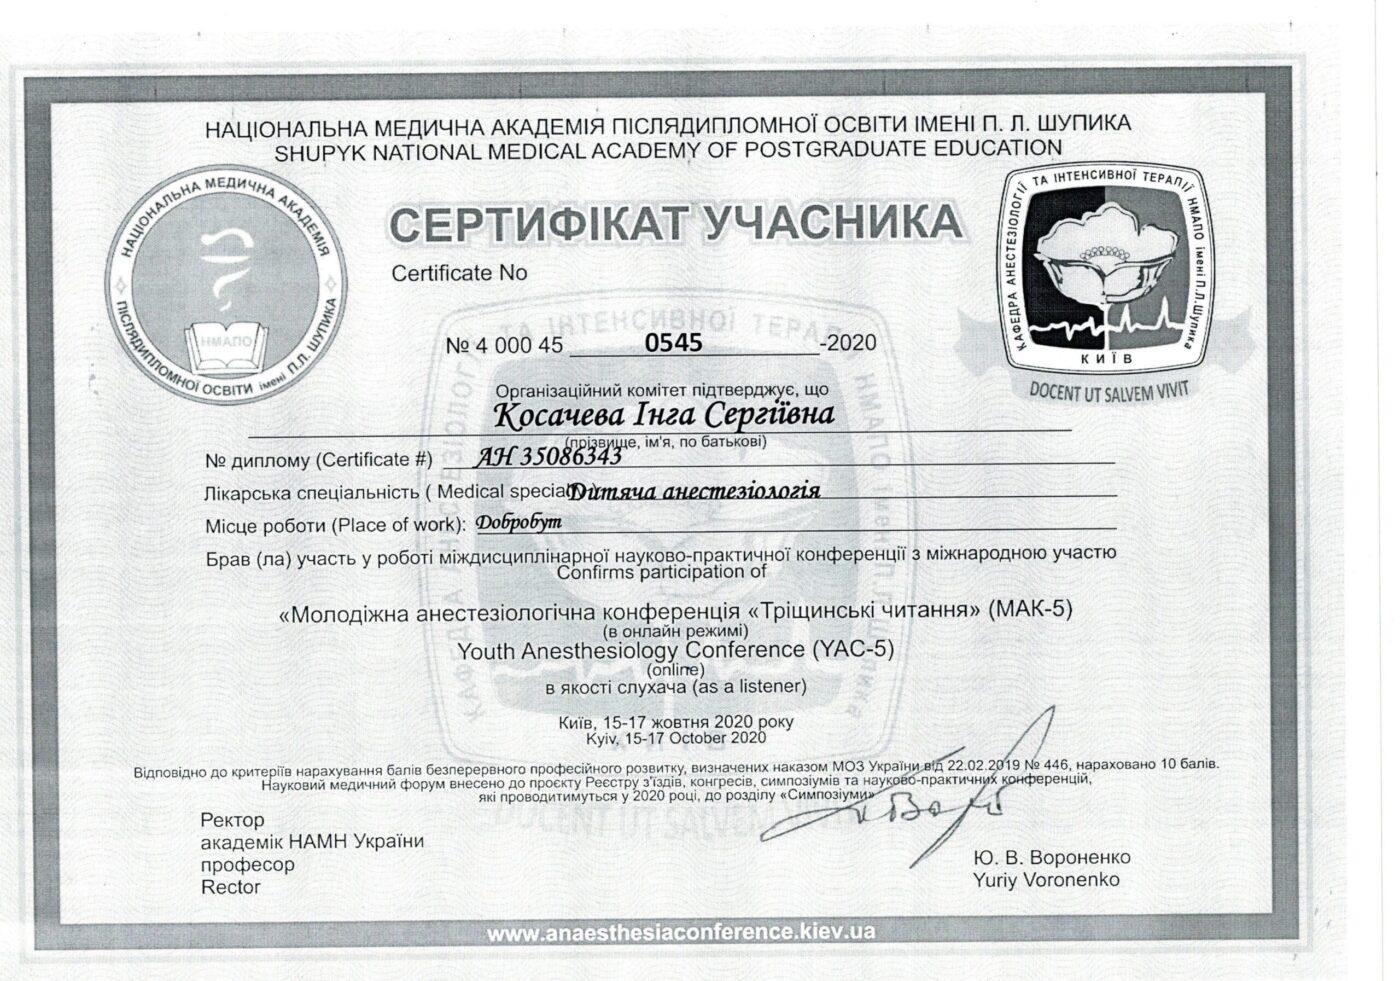 Сертифікат дитячого лікаря анестезіолога Косачевої Інги Сергіївни об участі у конференции (Молодіжна анестезіологічна конференція)